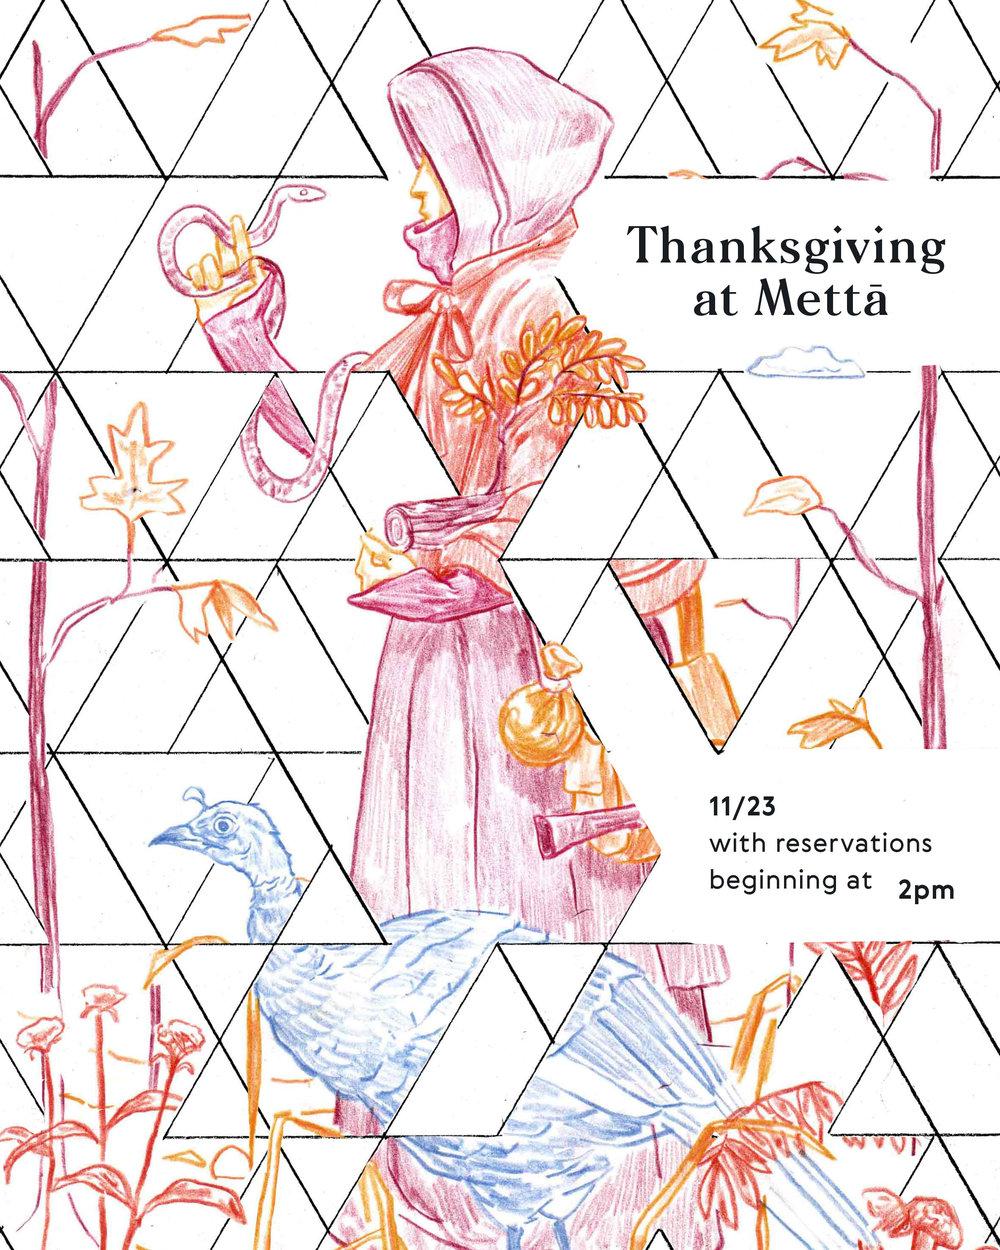 metta_thanksgiving_flyer_v2(IG).jpg